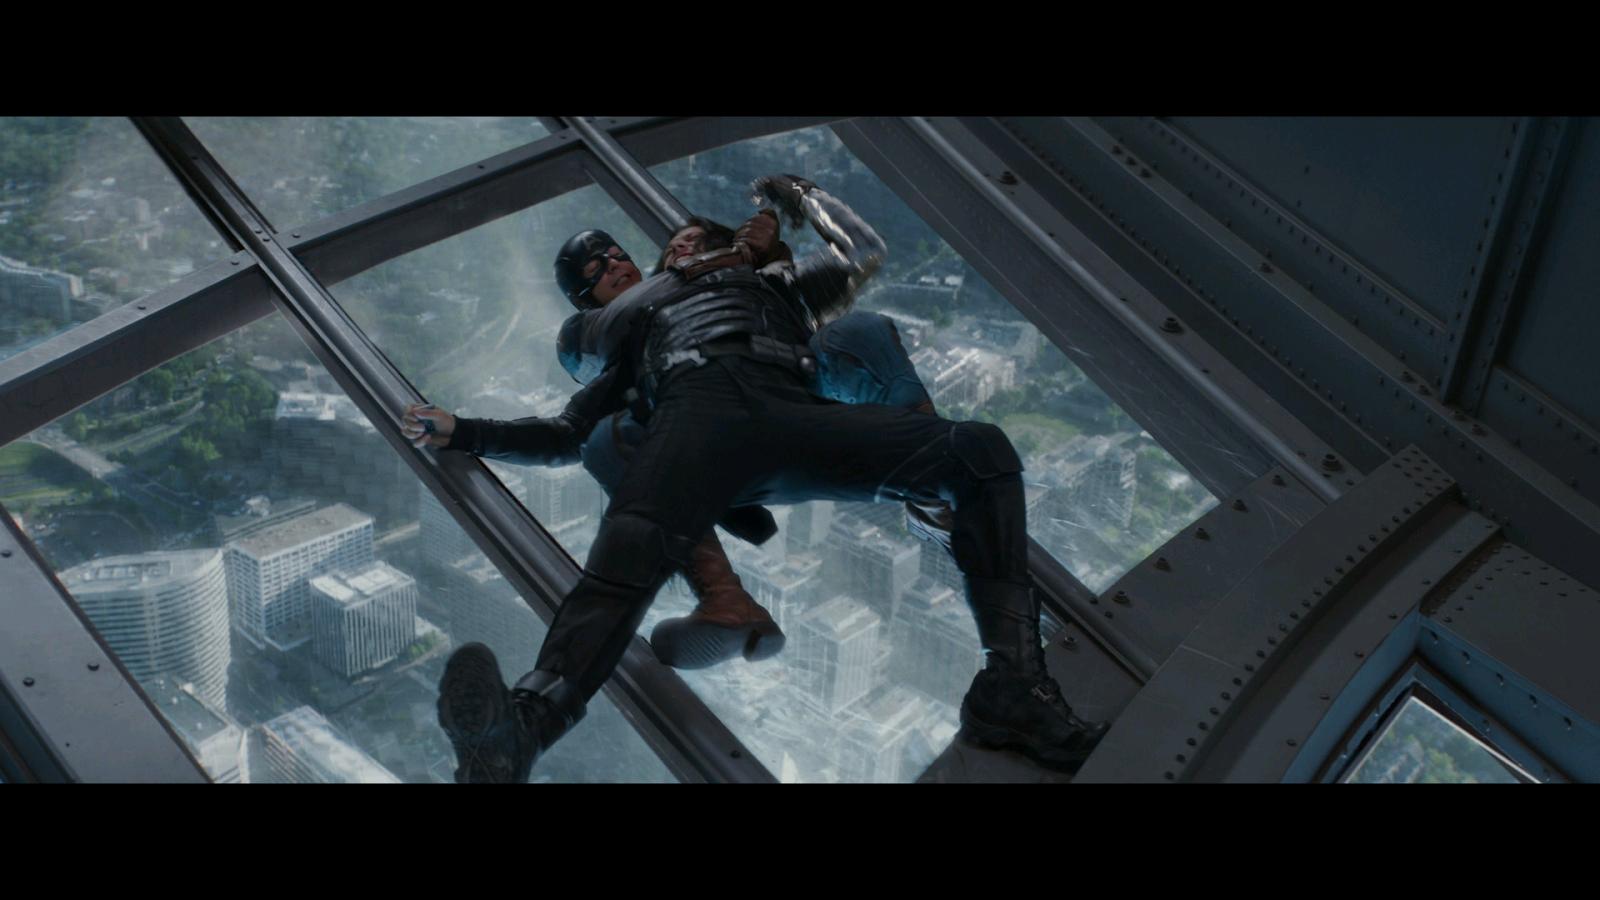 Capitan America El Soldado De Invierno (2014) 2D + 3D 1080p BD25